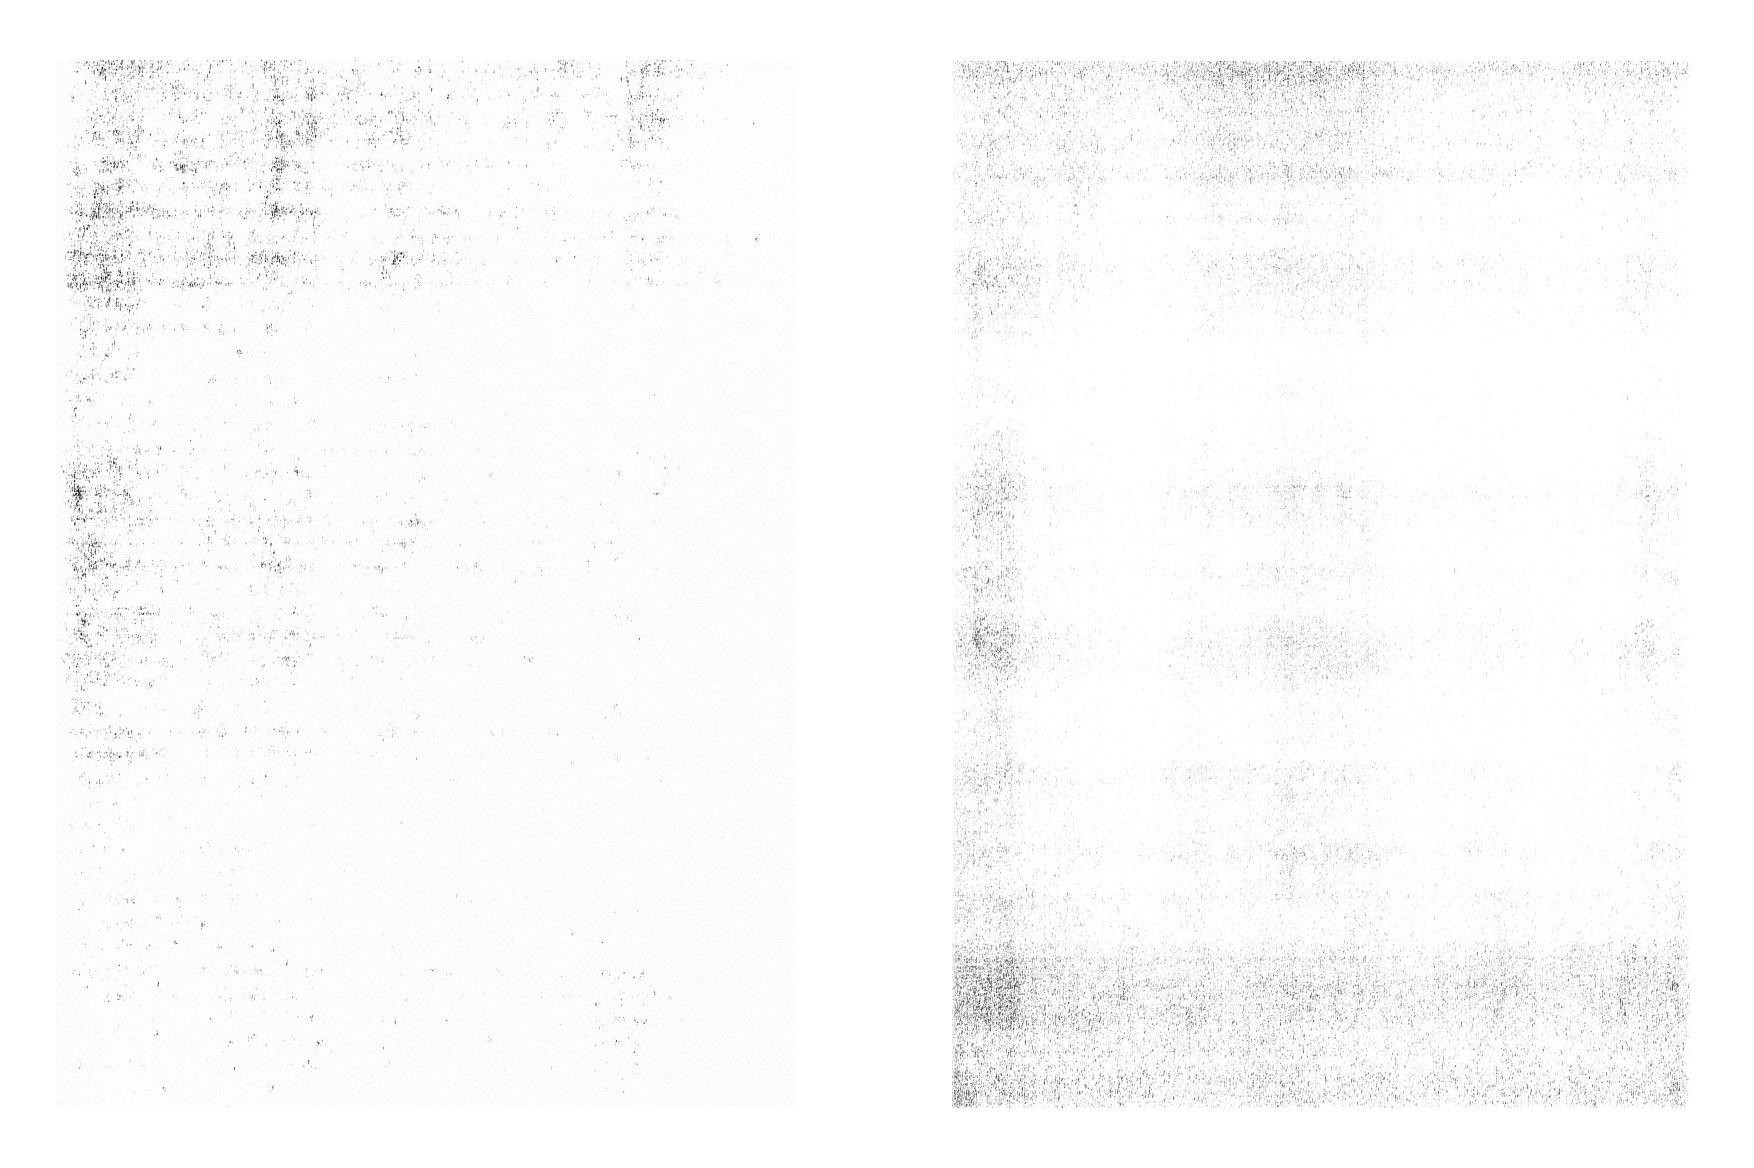 156款复古做旧折痕磨损褶皱纸张背景纹理素材合集 The Grunge Texture Bundle Vol. 1插图(68)